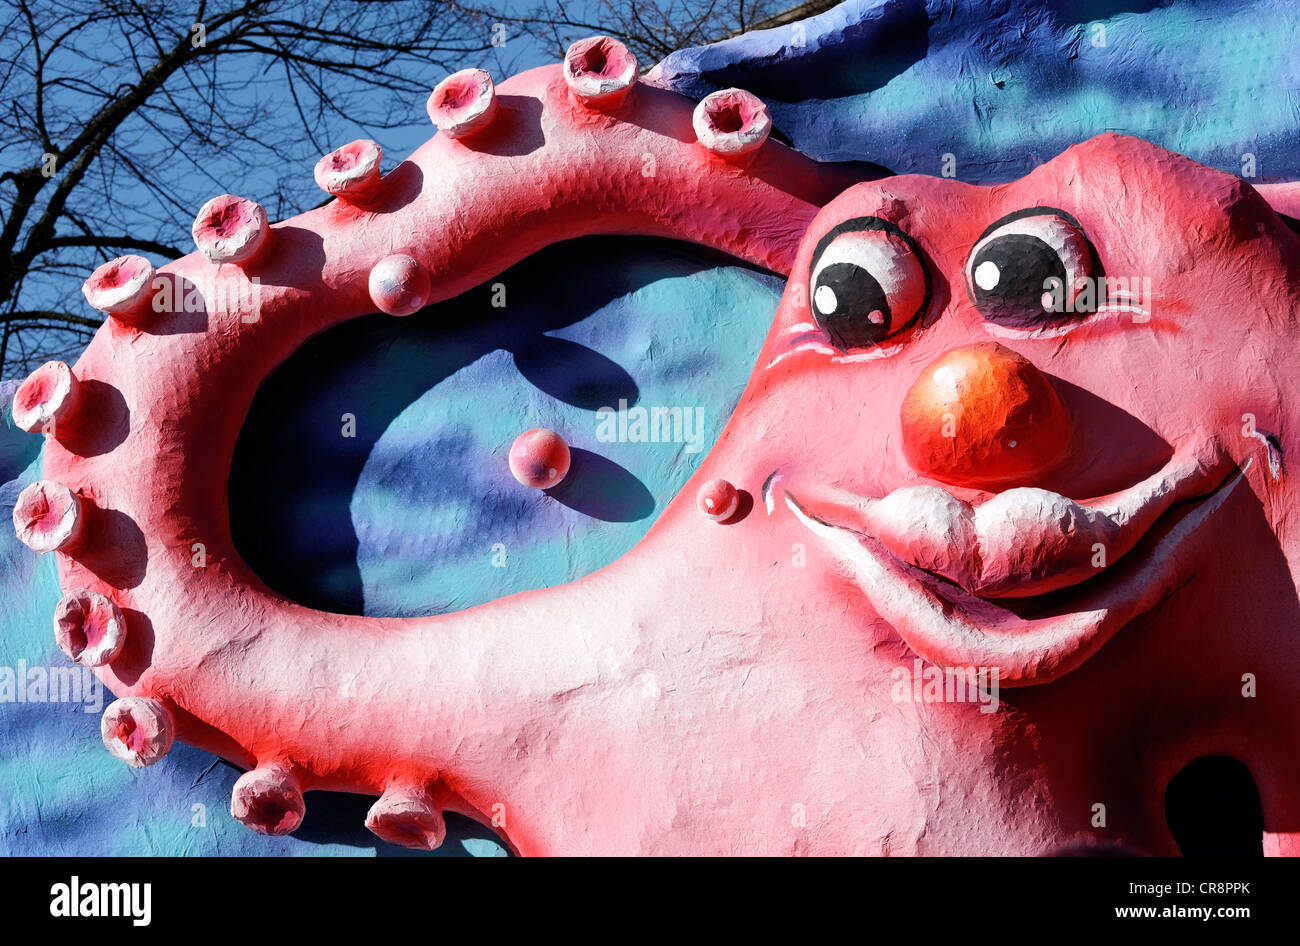 Lustige Kraken mit menschlichem Antlitz, winkt mit seiner Tentakel, Cartoon-Stil Pappmaché Figur, Parade Float Stockbild